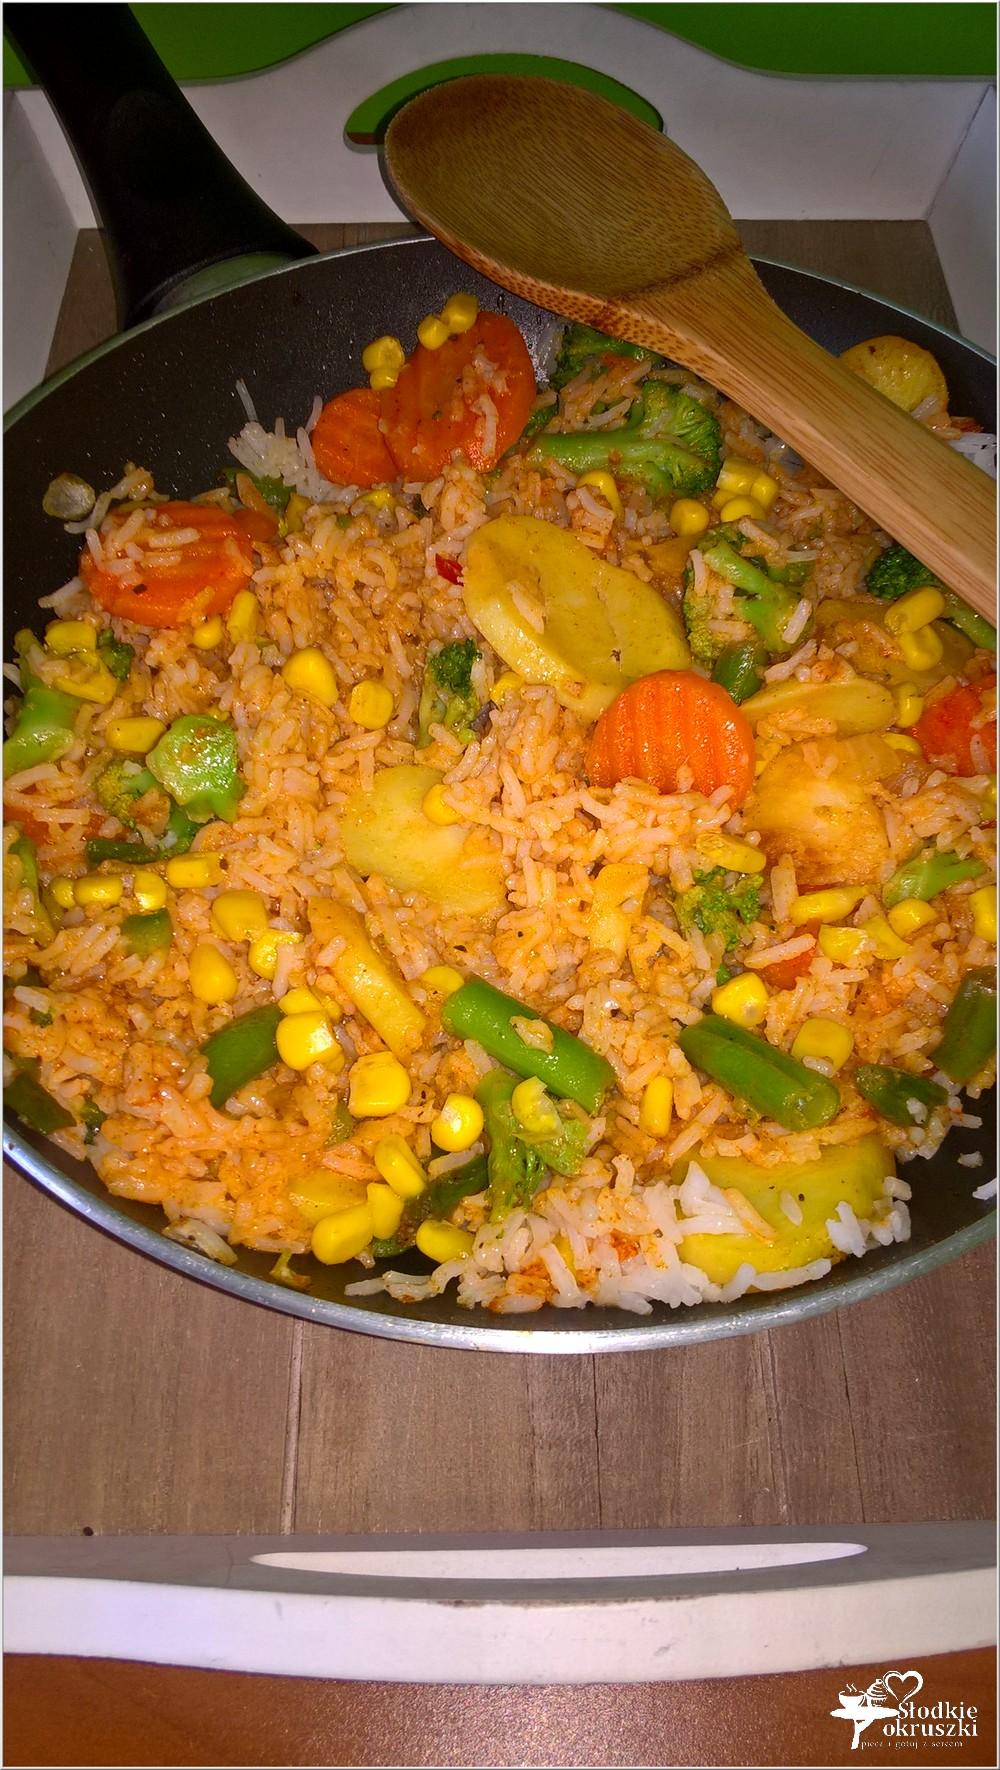 Szybki obiad. Pikantny ryż z warzywami (1)